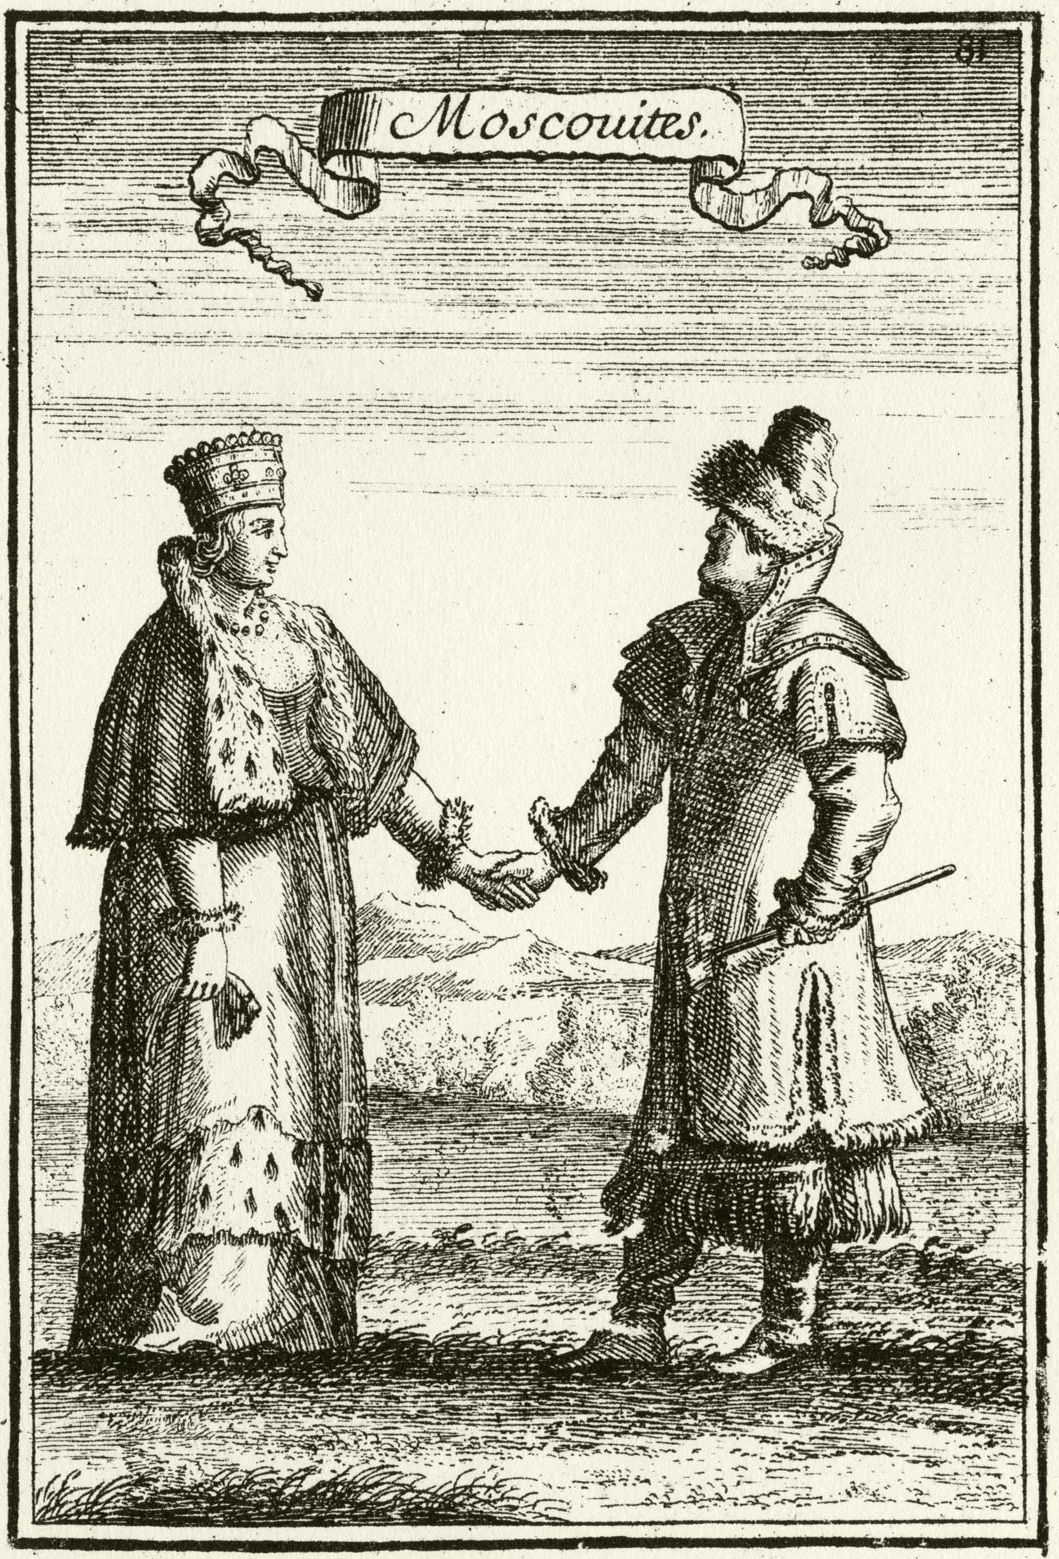 220. «Moscouites» — Москвитяне, мужчина и женщина; из Космографии Теве